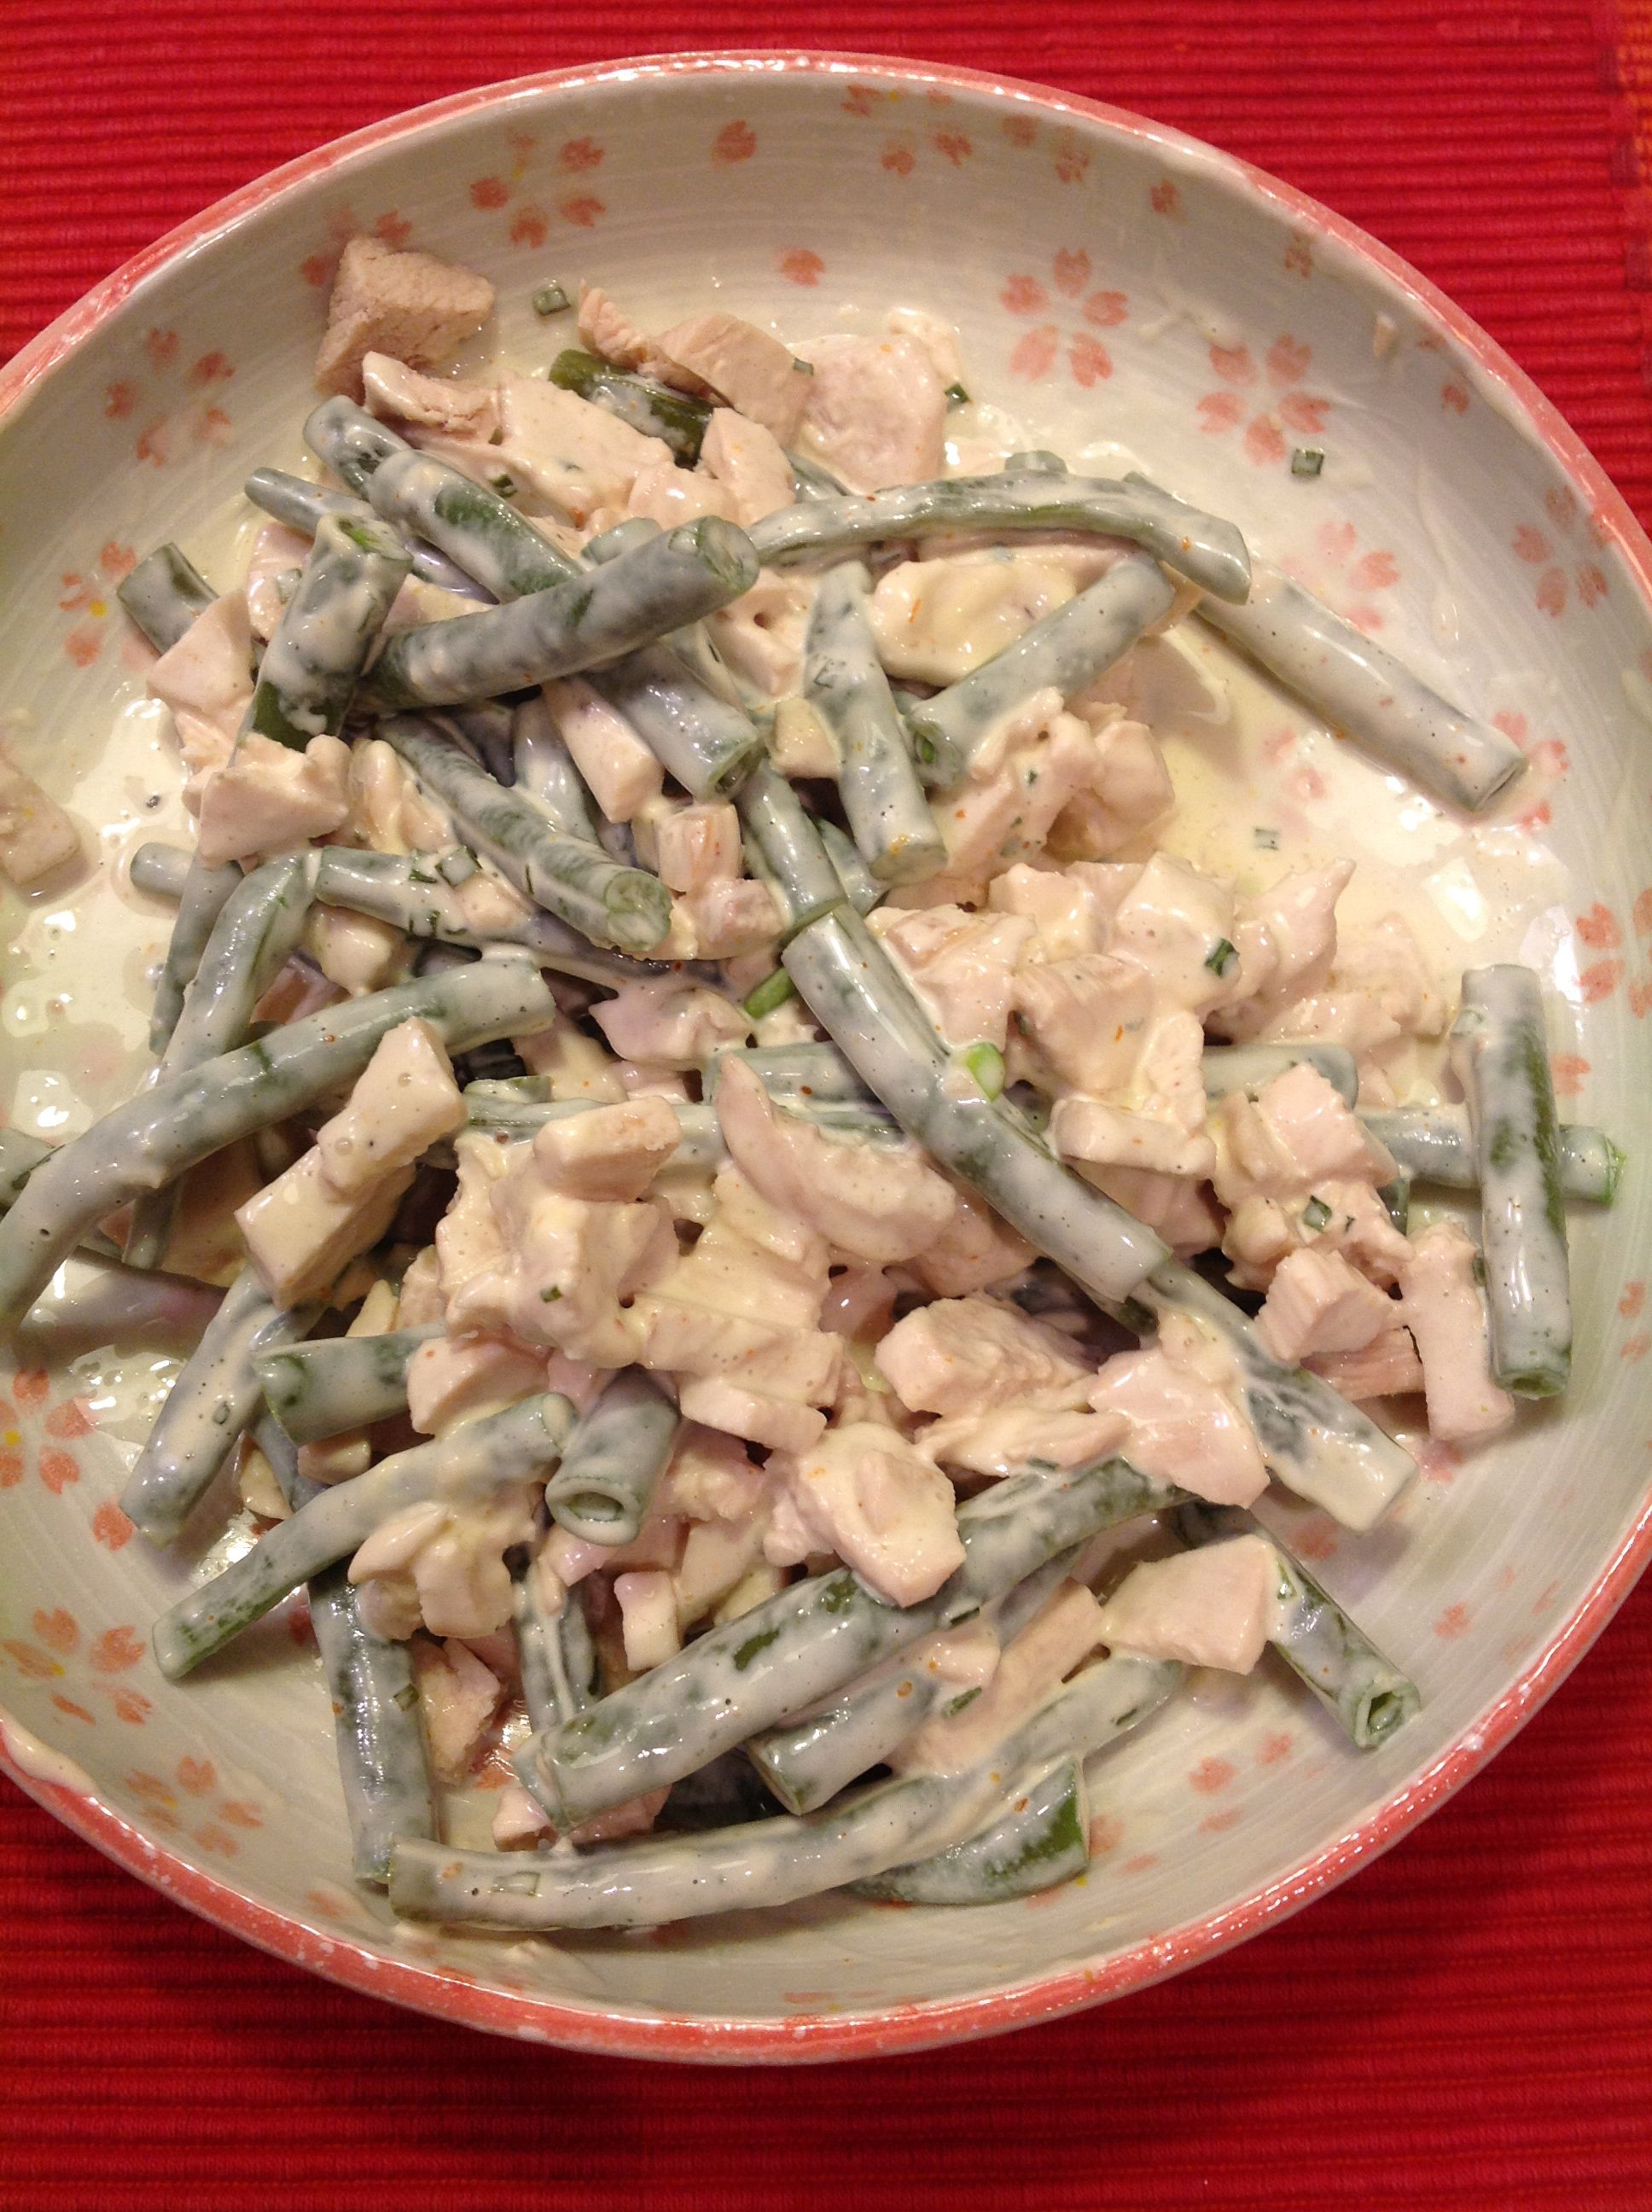 Chicken, green bean salad